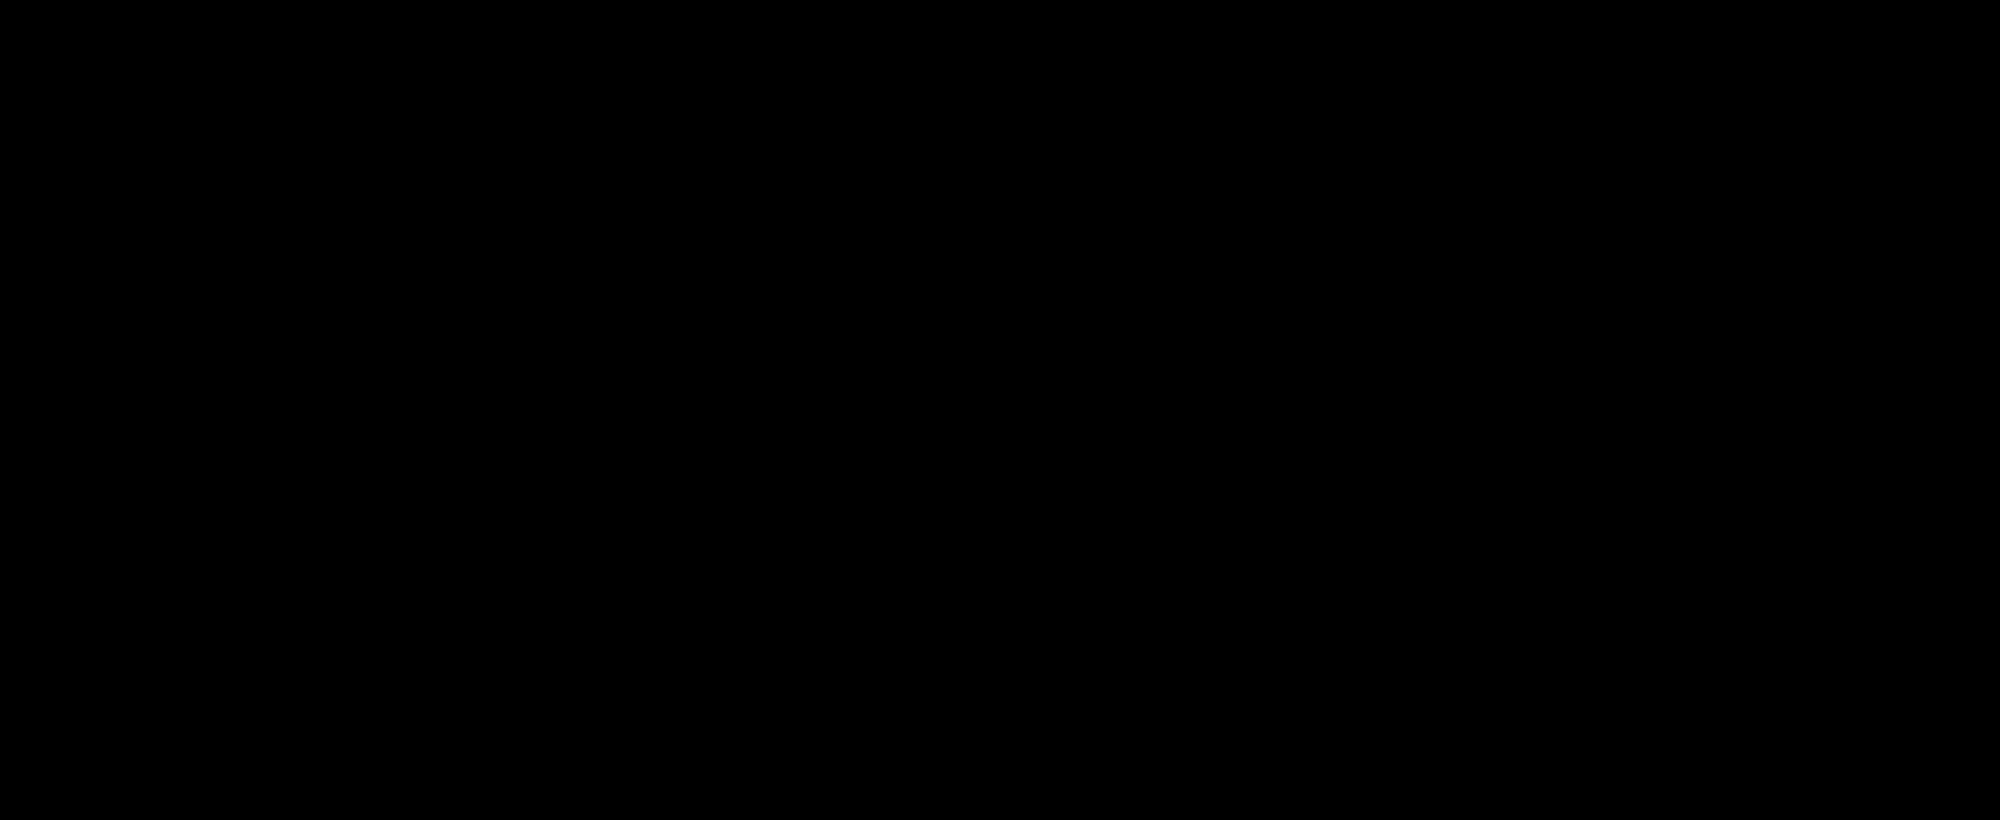 クレディセゾン/セゾン情報システムズのDX推進における要諦 画像